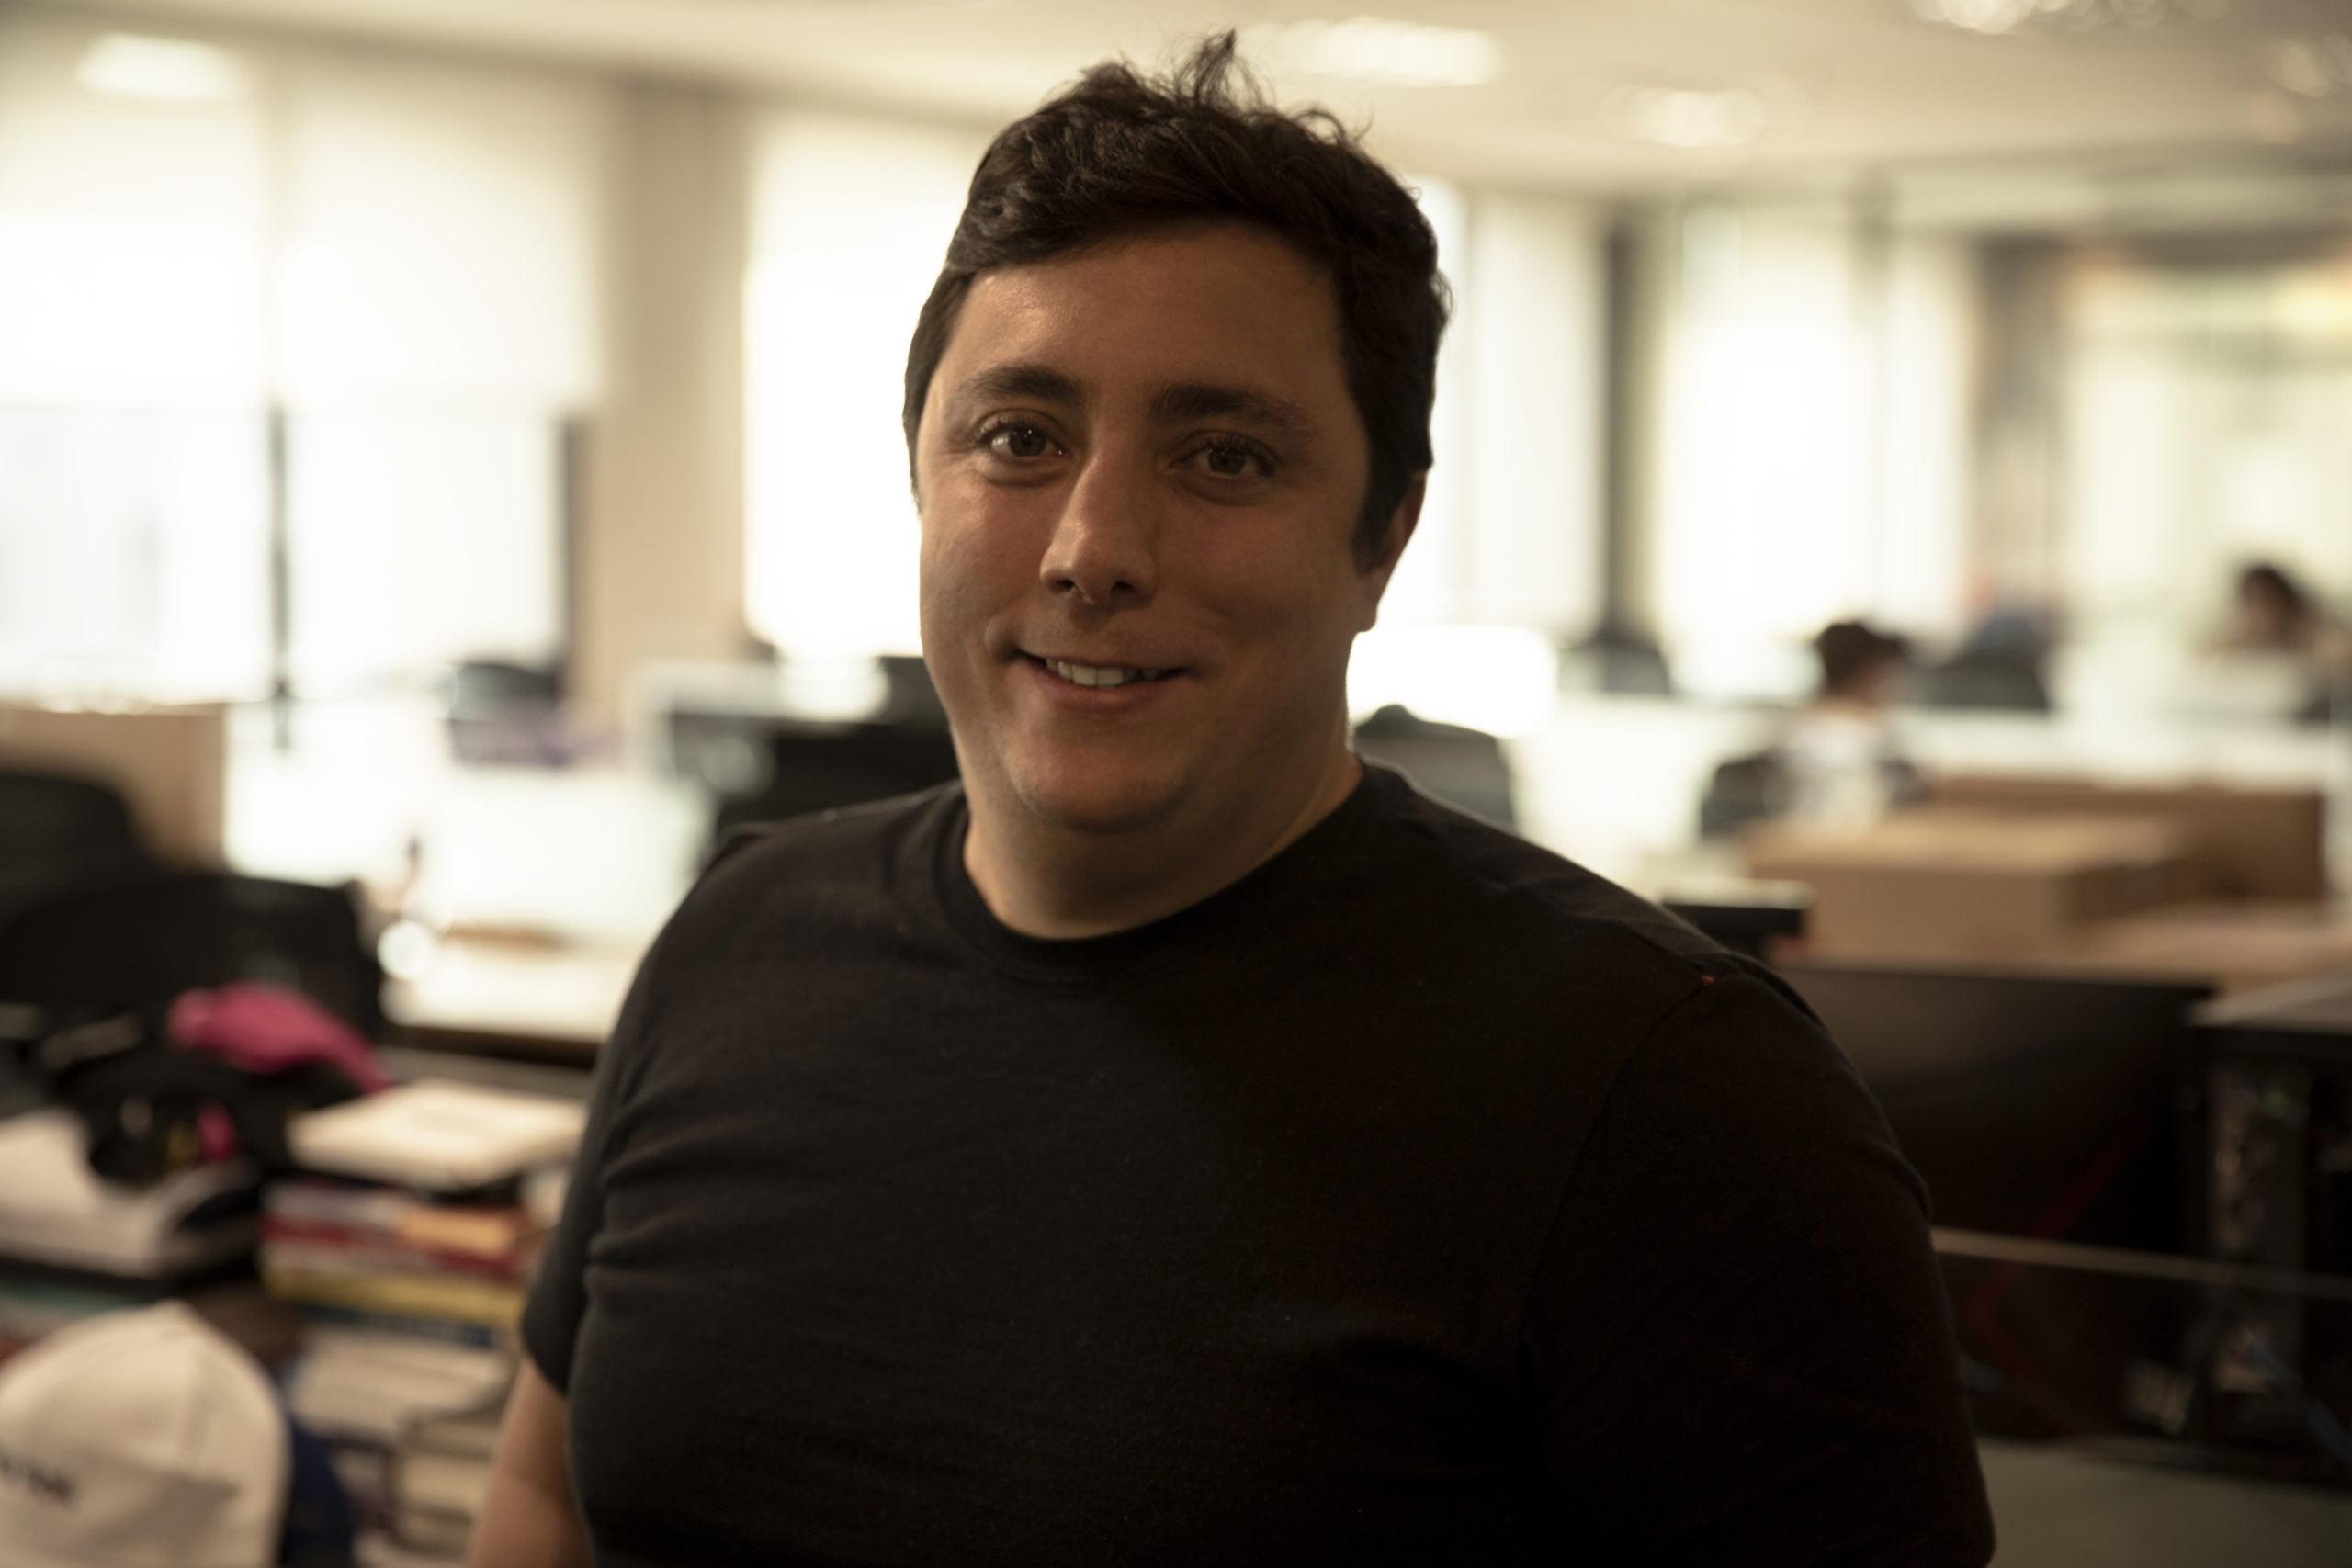 Adventures anuncia a chegada de Donato Ramos para liderar estratégia com foco em marcas nativas digitais